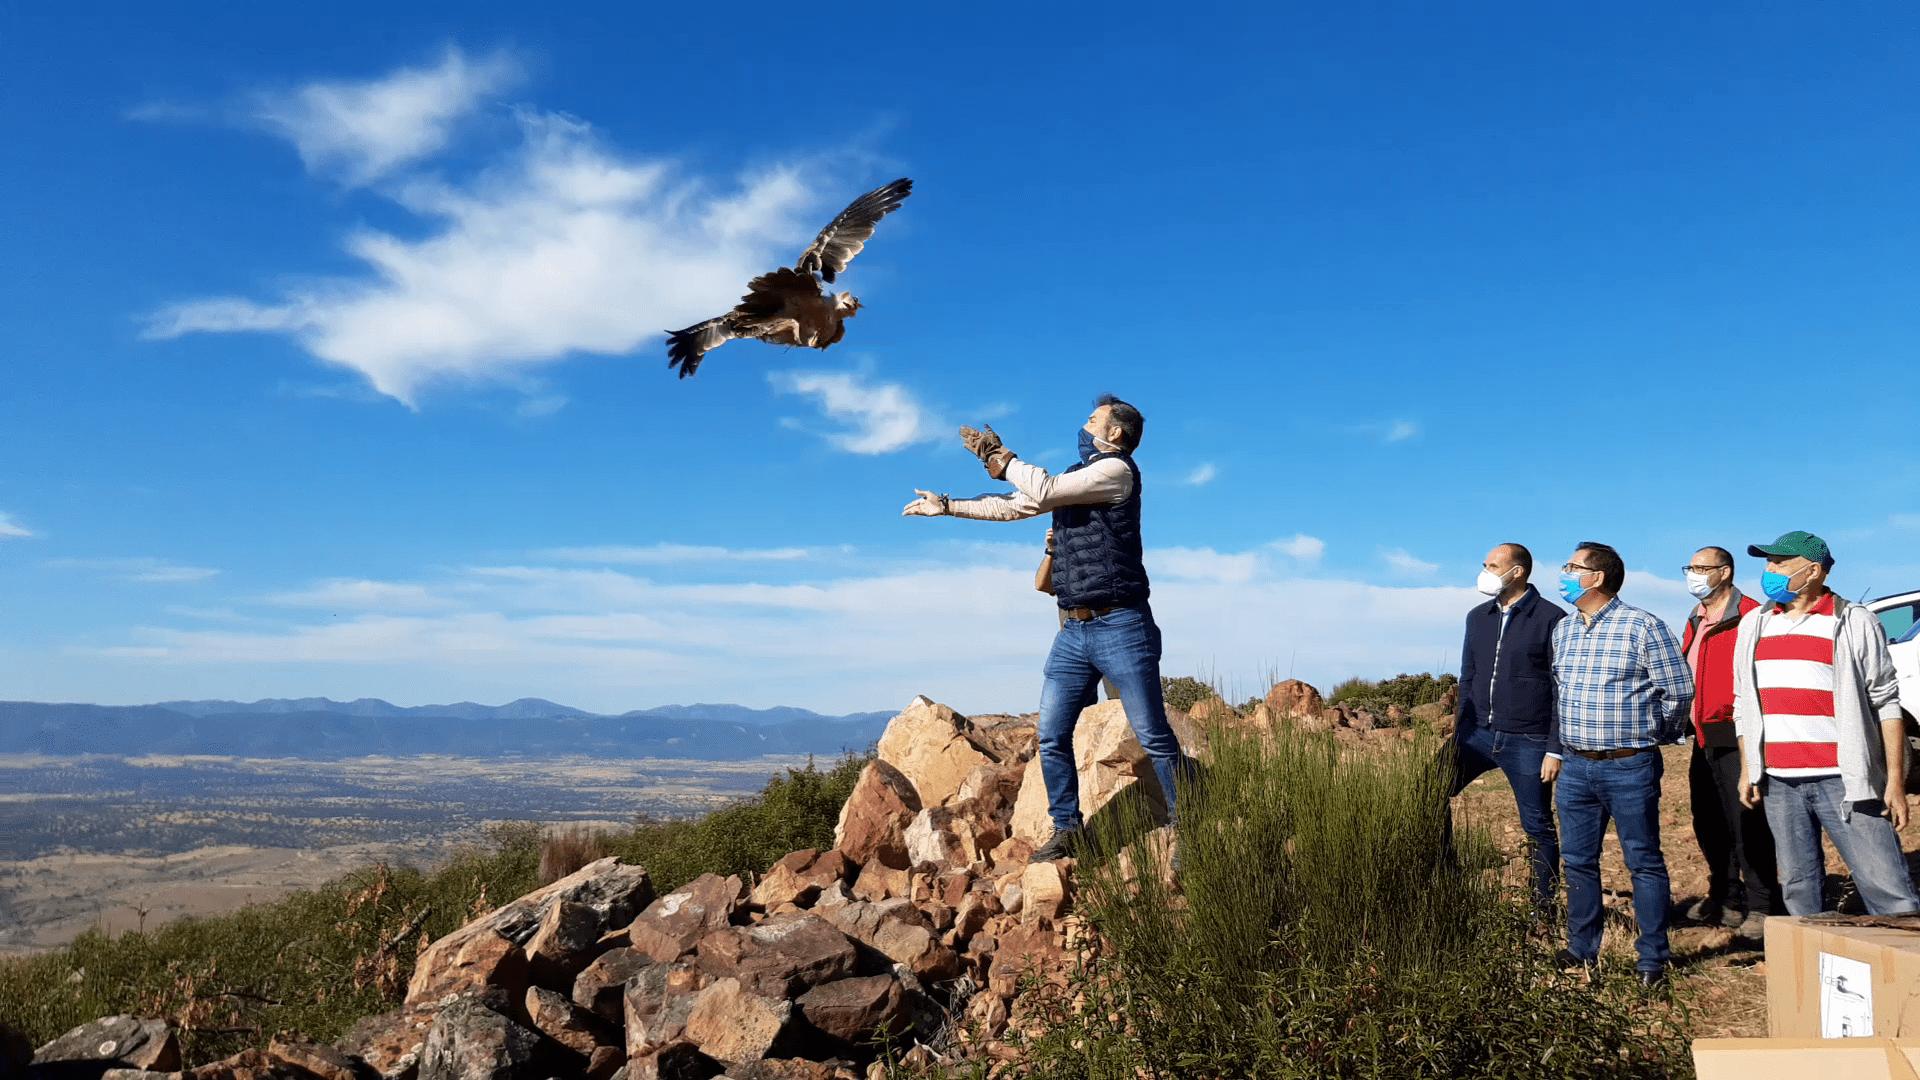 El Gobierno regional muestra su compromiso con la recuperación de la avifauna liberando dos águilas imperiales ibéricas en la comarca de La Jara